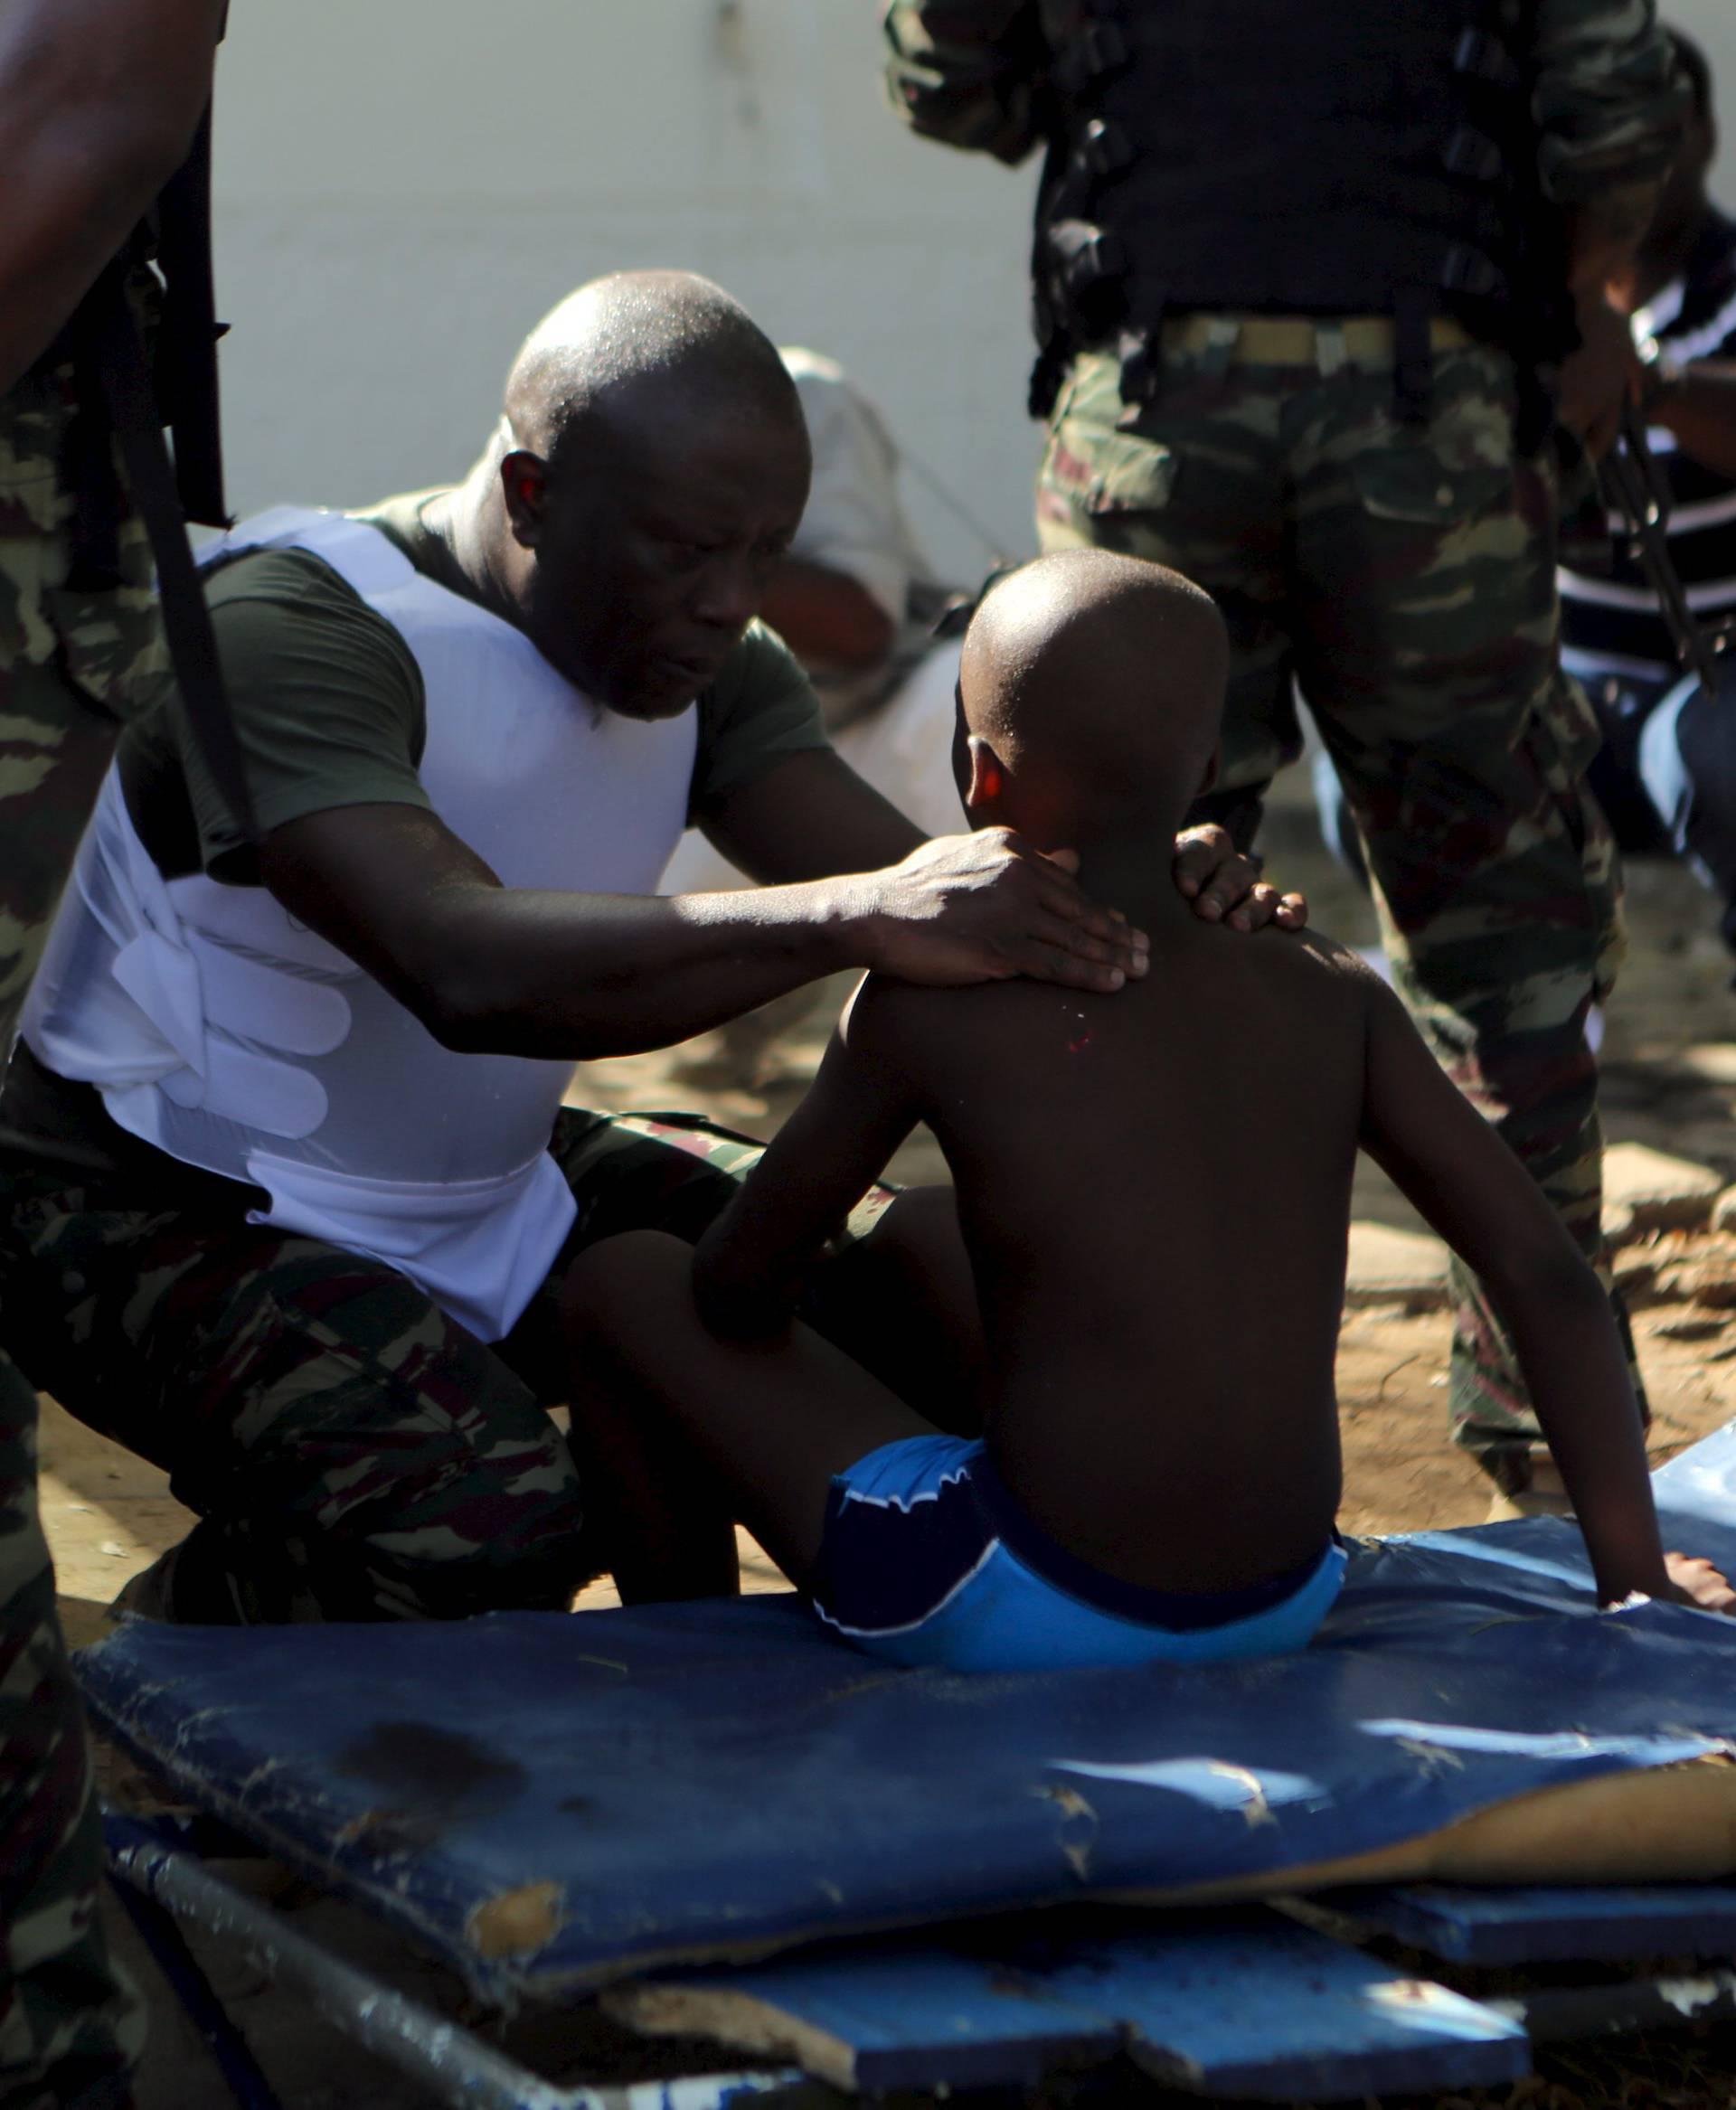 Napadači poštedjeli dječaka jer je molio muslimansku molitvu